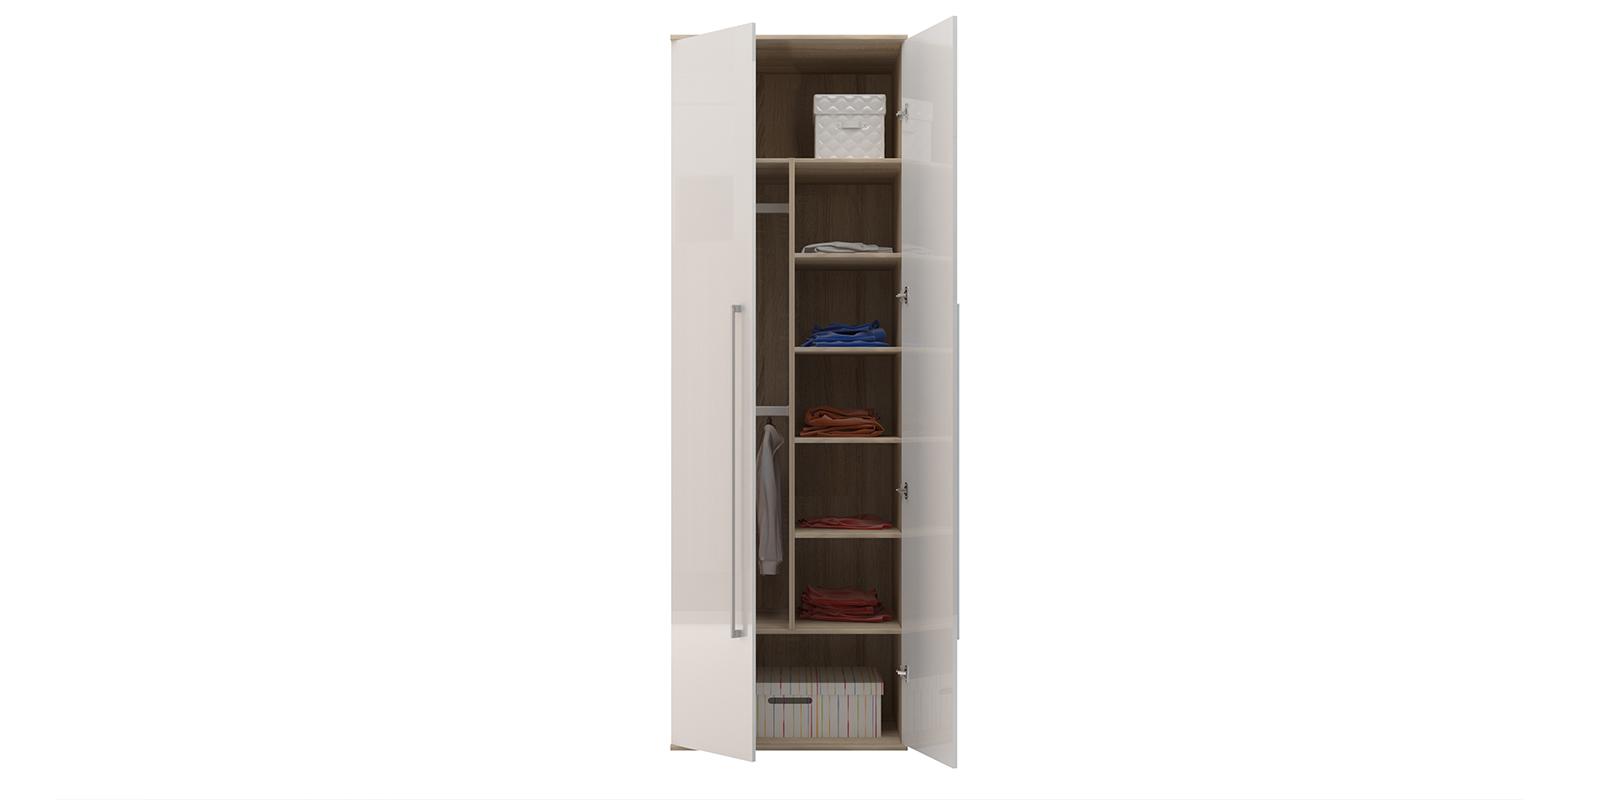 Шкаф распашной двухдверный Бали вариант №2 (белый глянец/дуб сонома) от HomeMe.ru